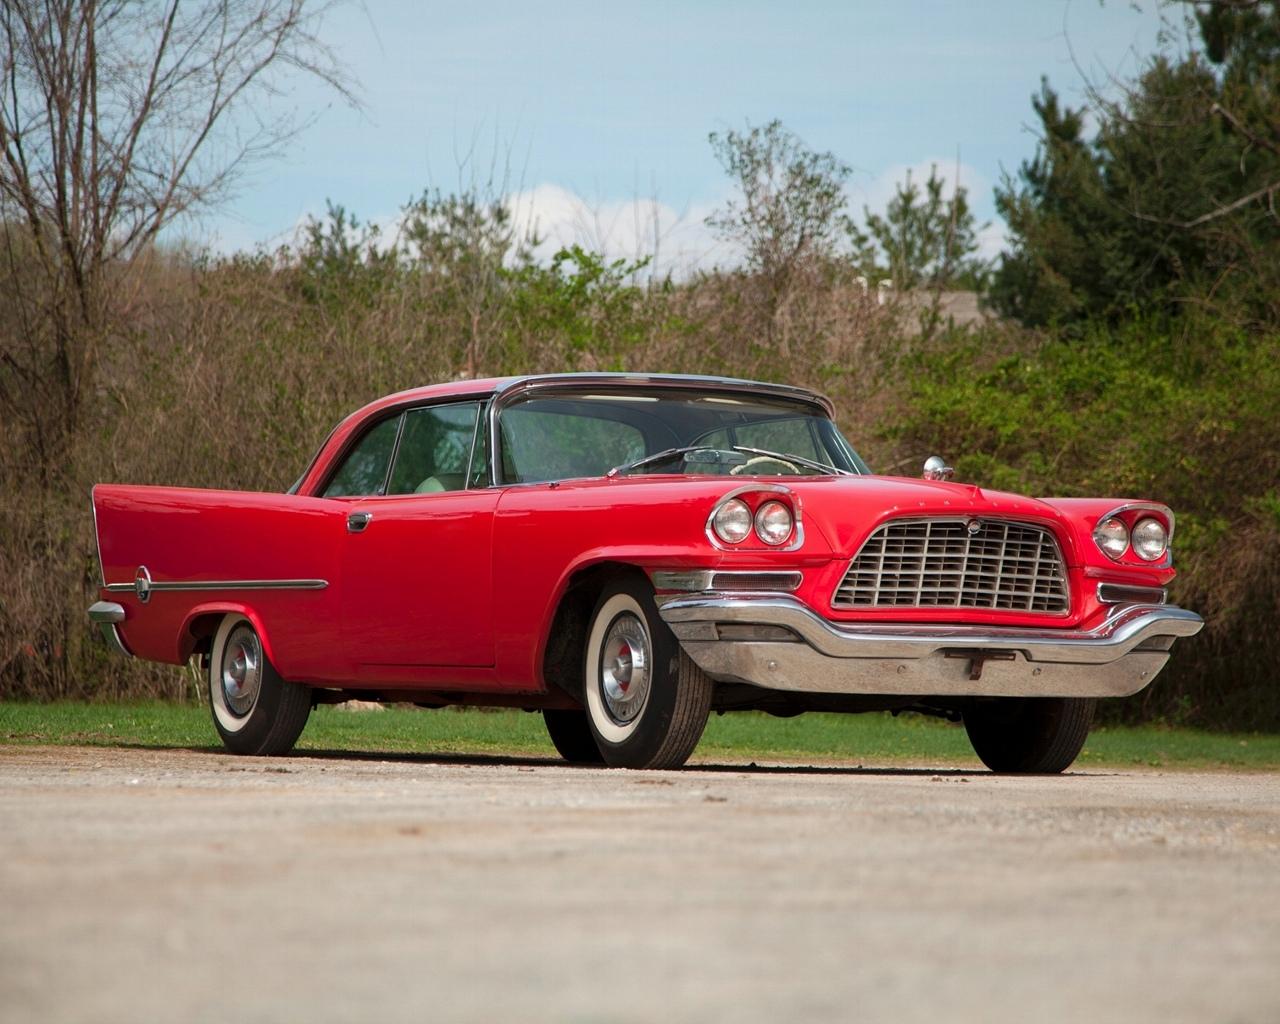 American Classic Car Wallpapers 1 Car Wallpapers - CARS WALLPAPER